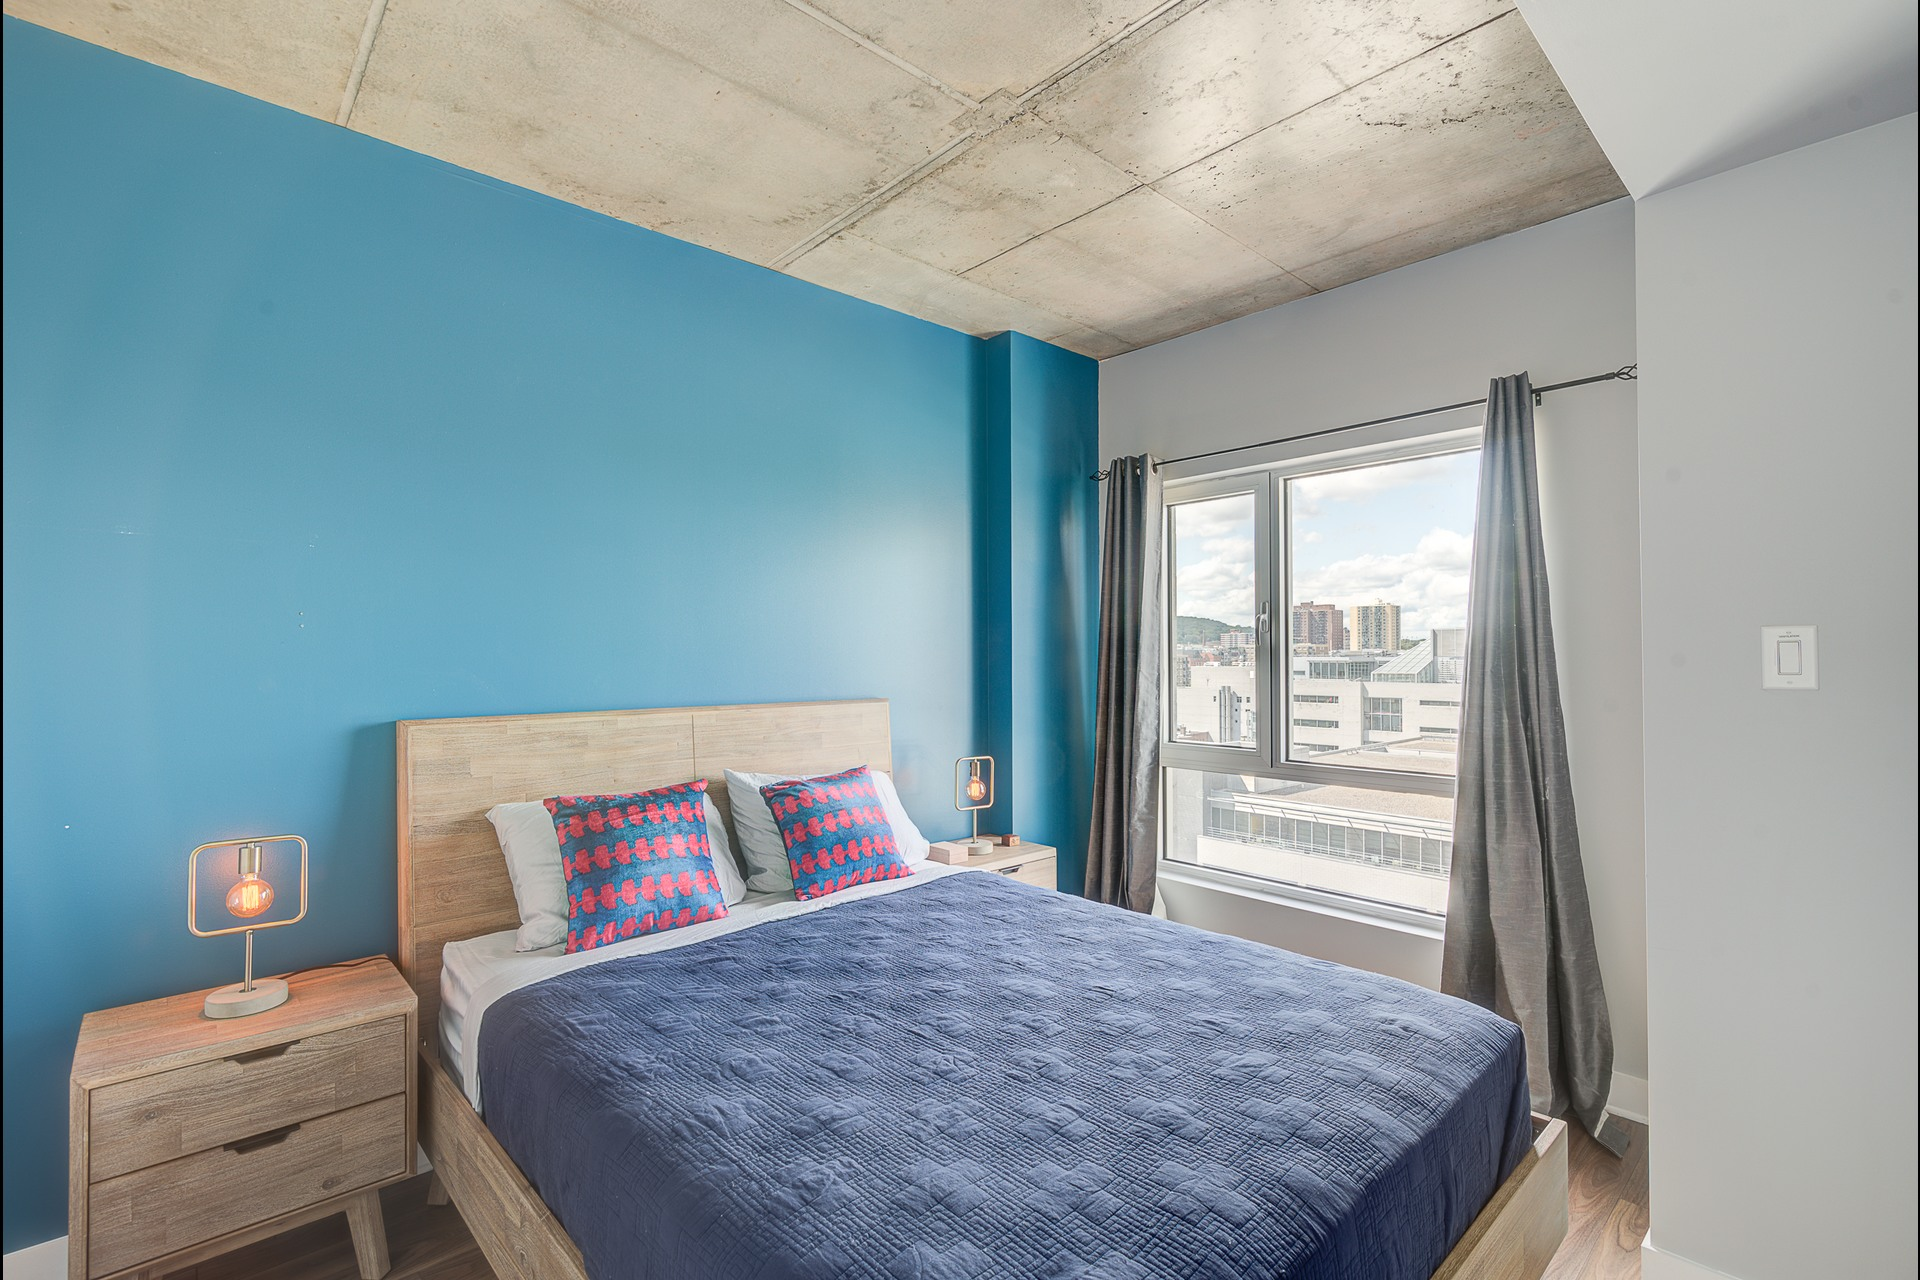 image 12 - MX - Condominio vertical - MX Para alquiler Montréal - 3 habitaciones